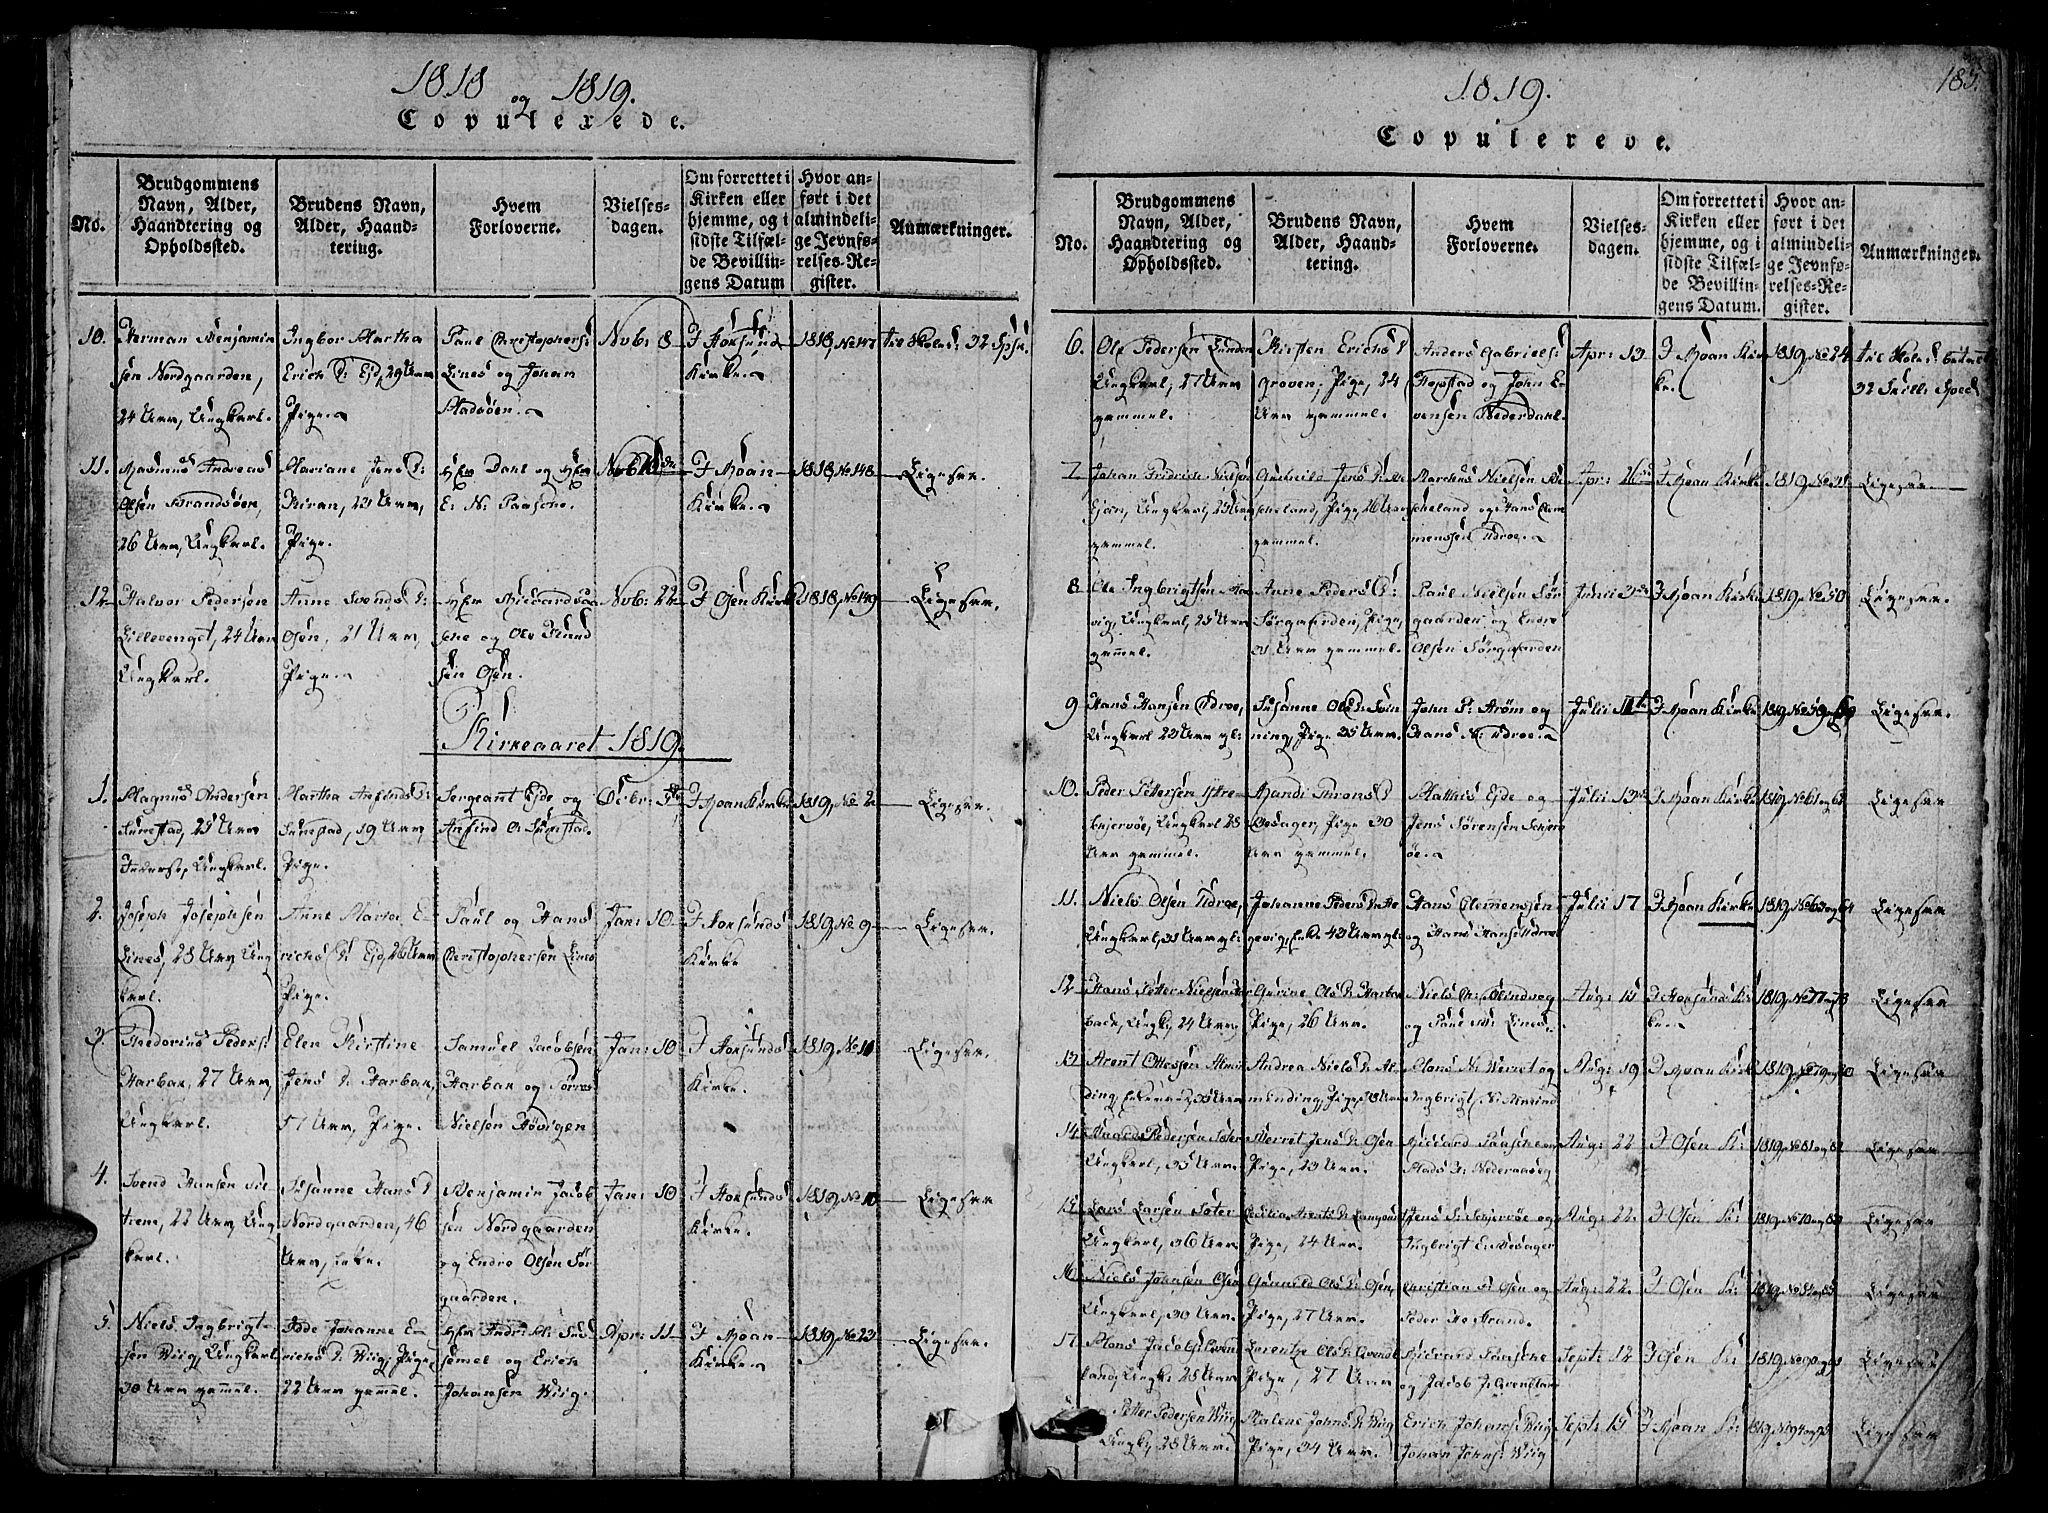 SAT, Ministerialprotokoller, klokkerbøker og fødselsregistre - Sør-Trøndelag, 657/L0702: Ministerialbok nr. 657A03, 1818-1831, s. 185